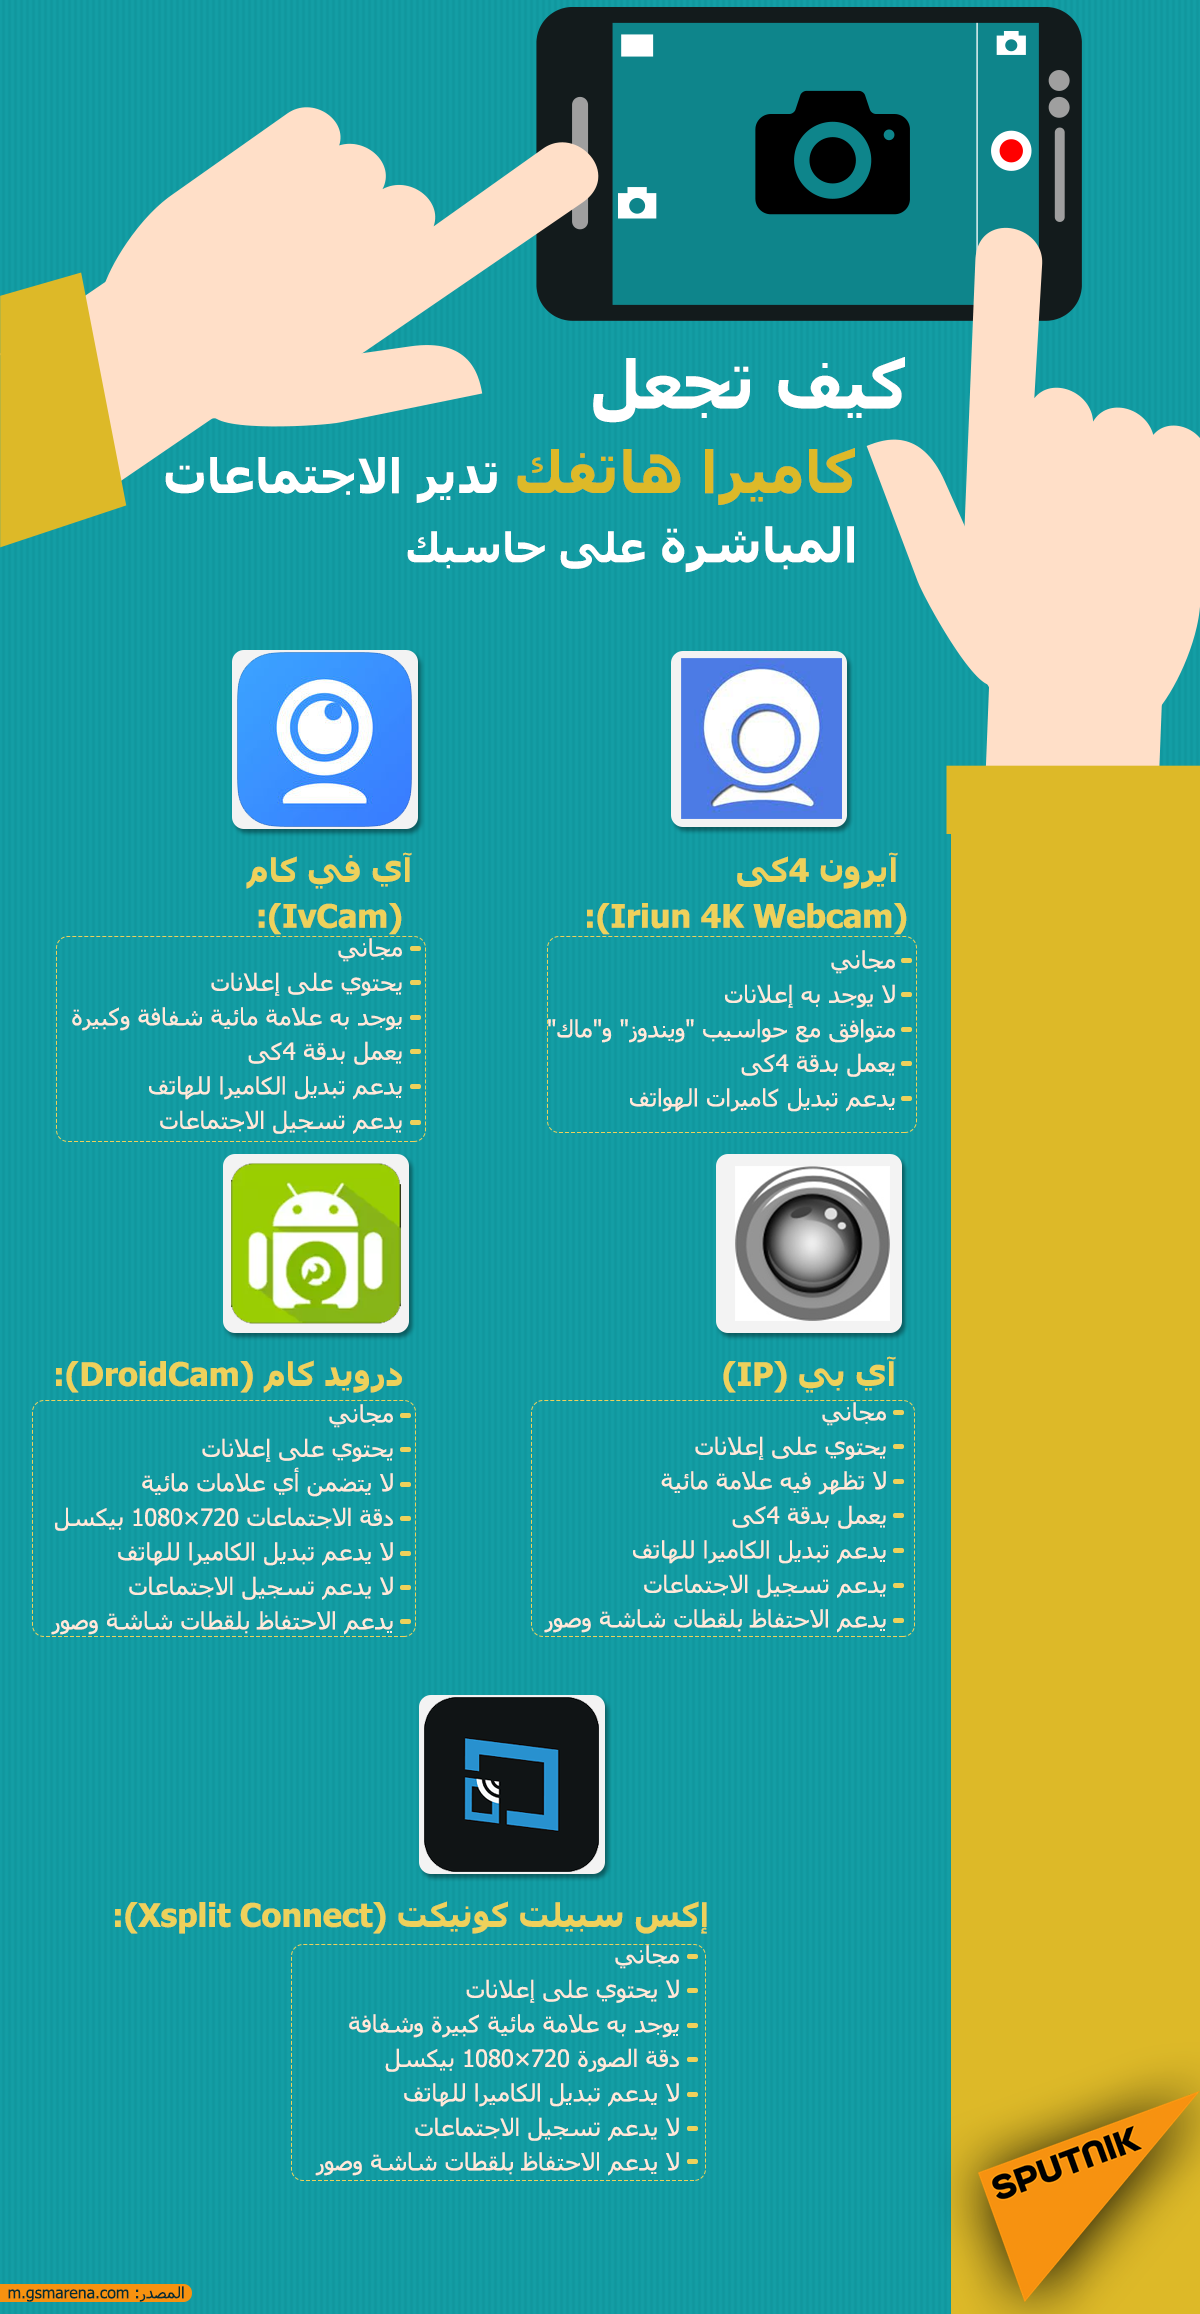 إنفوجرافيك... كيف تجعل كاميرا هاتفك تدير الاجتماعات المباشرة على حاسبك